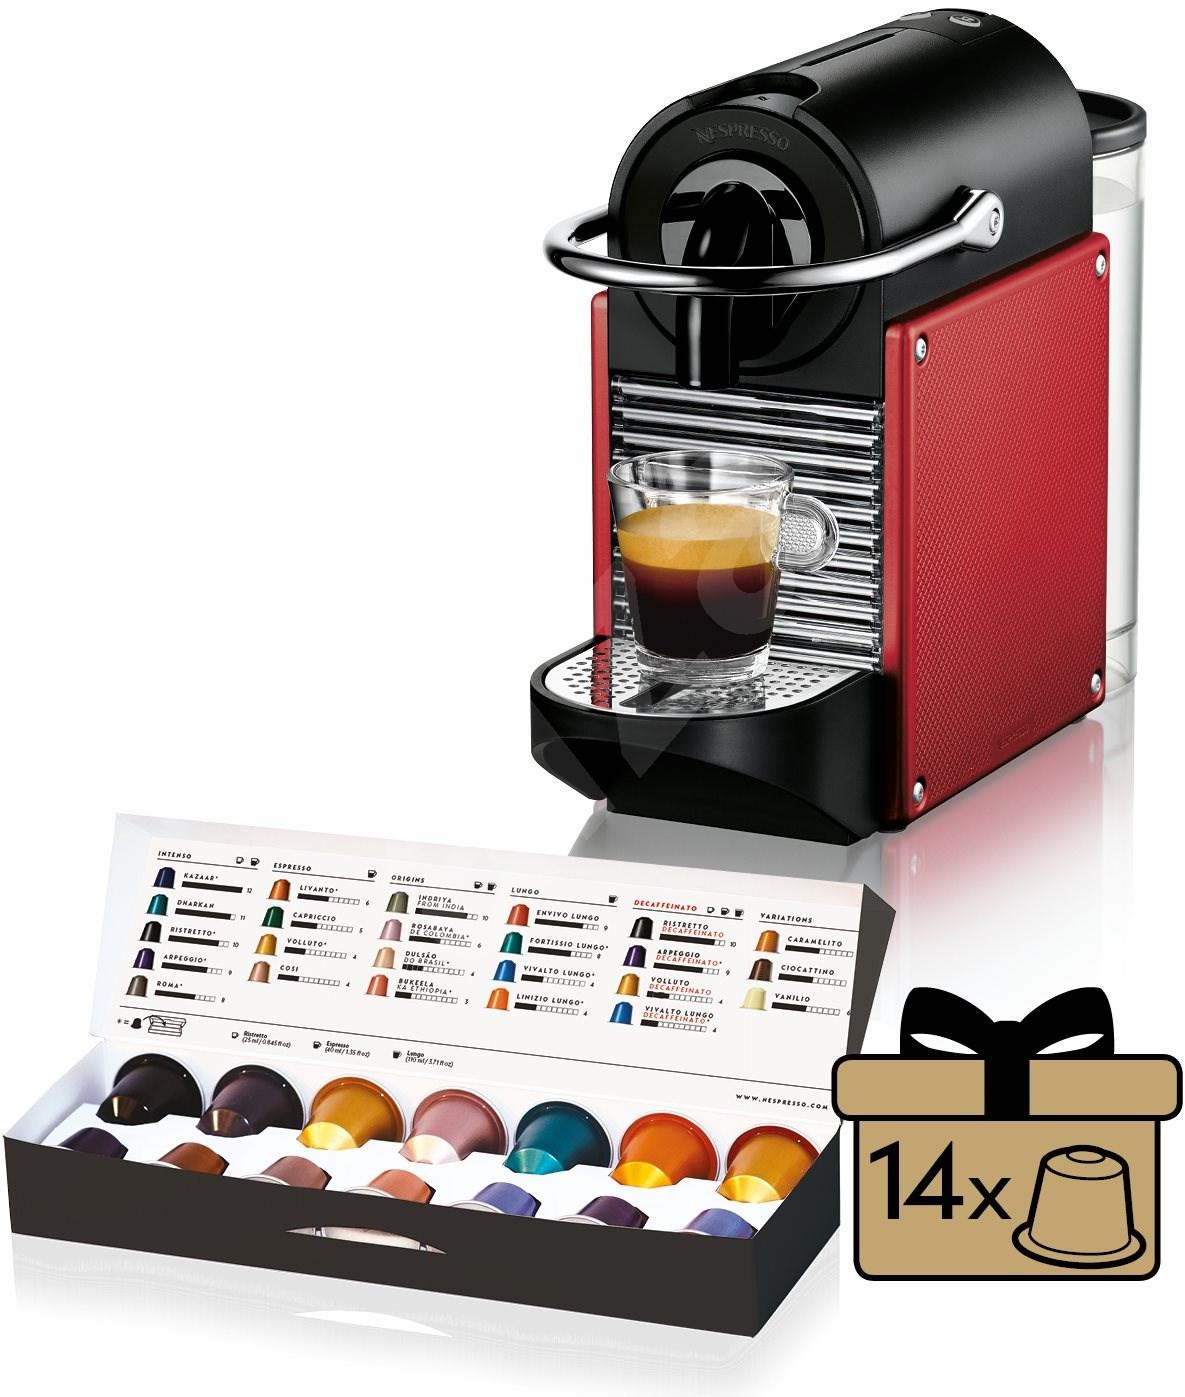 delonghi nespresso pixie en125 r rot kapsel. Black Bedroom Furniture Sets. Home Design Ideas